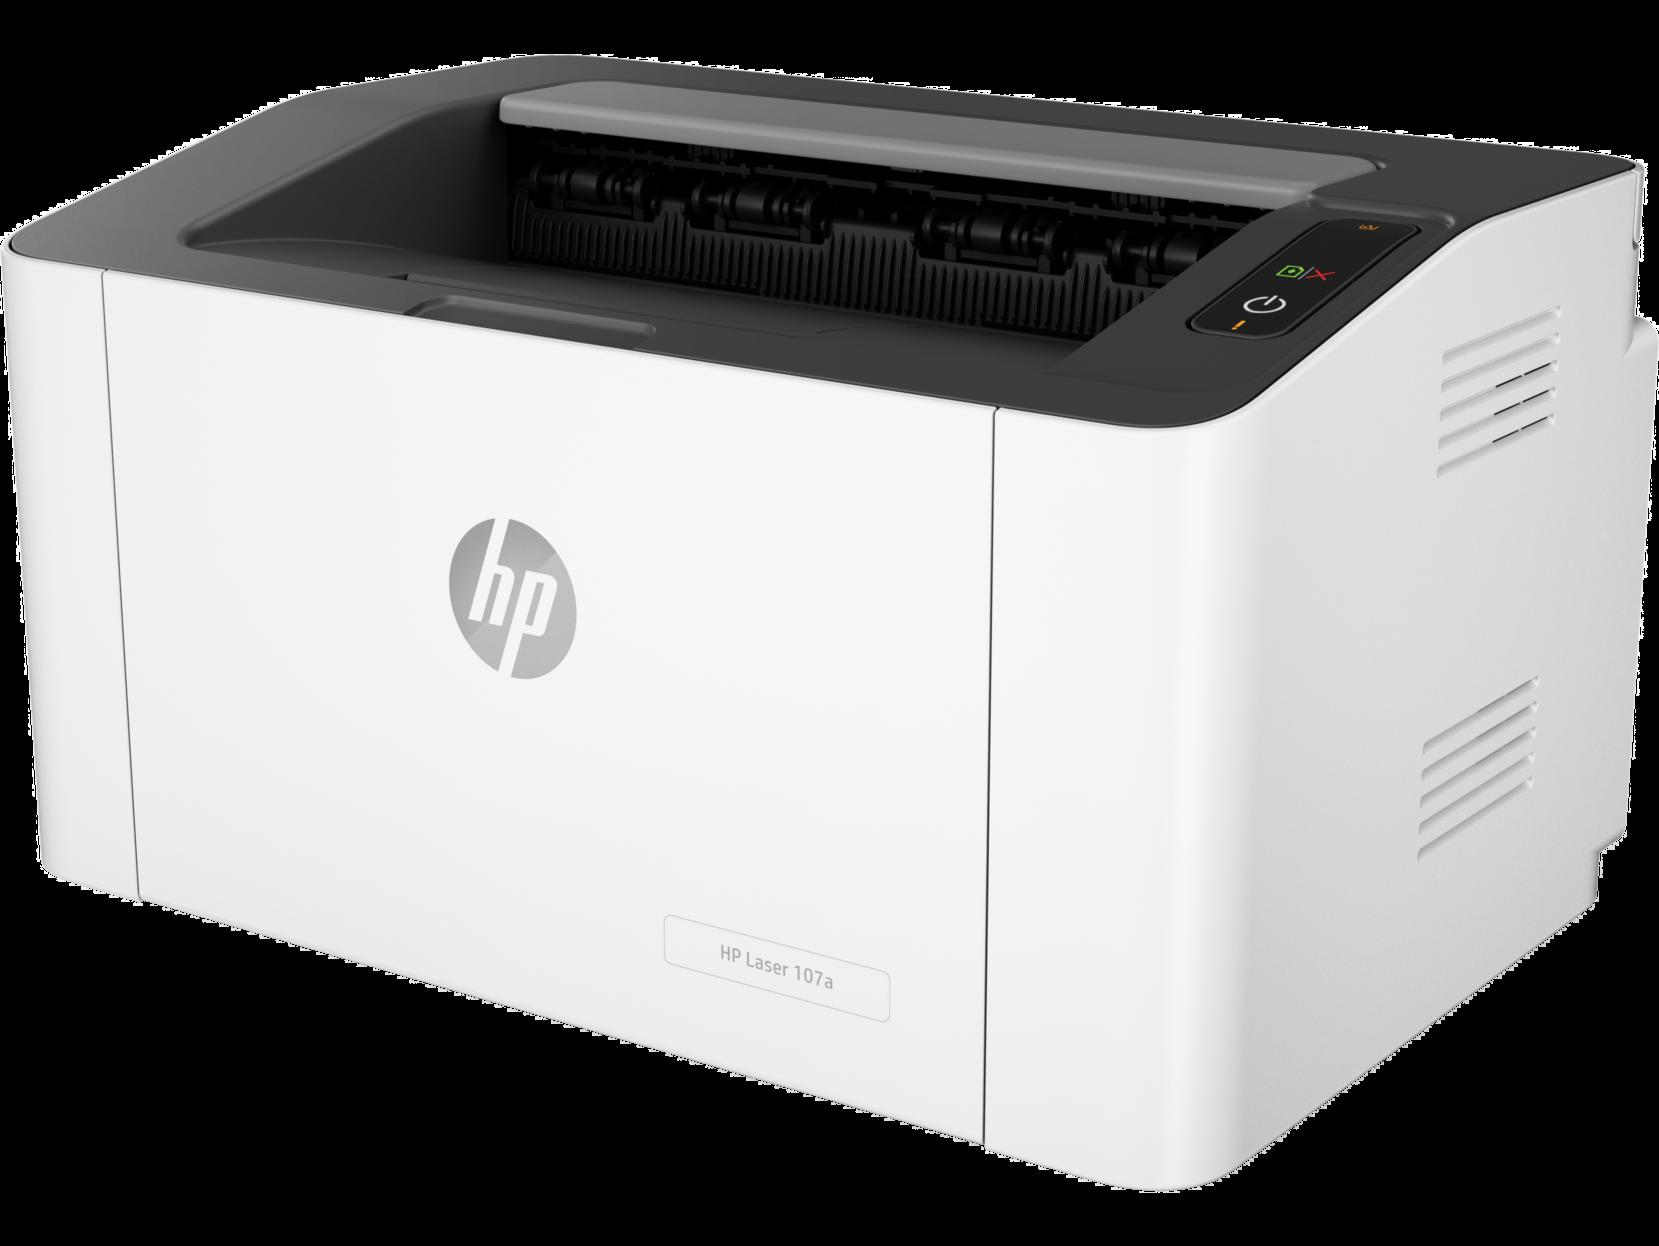 HP LaserJet 107A 4ZB77A 1